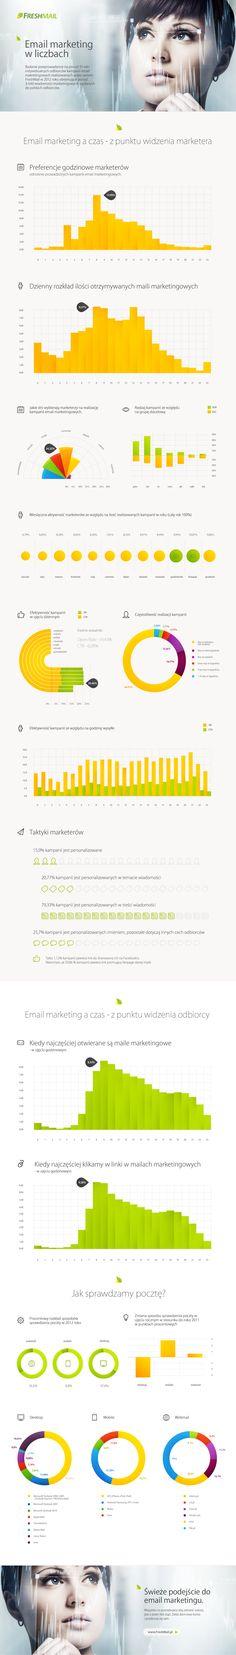 Email marketing w liczbach 2012